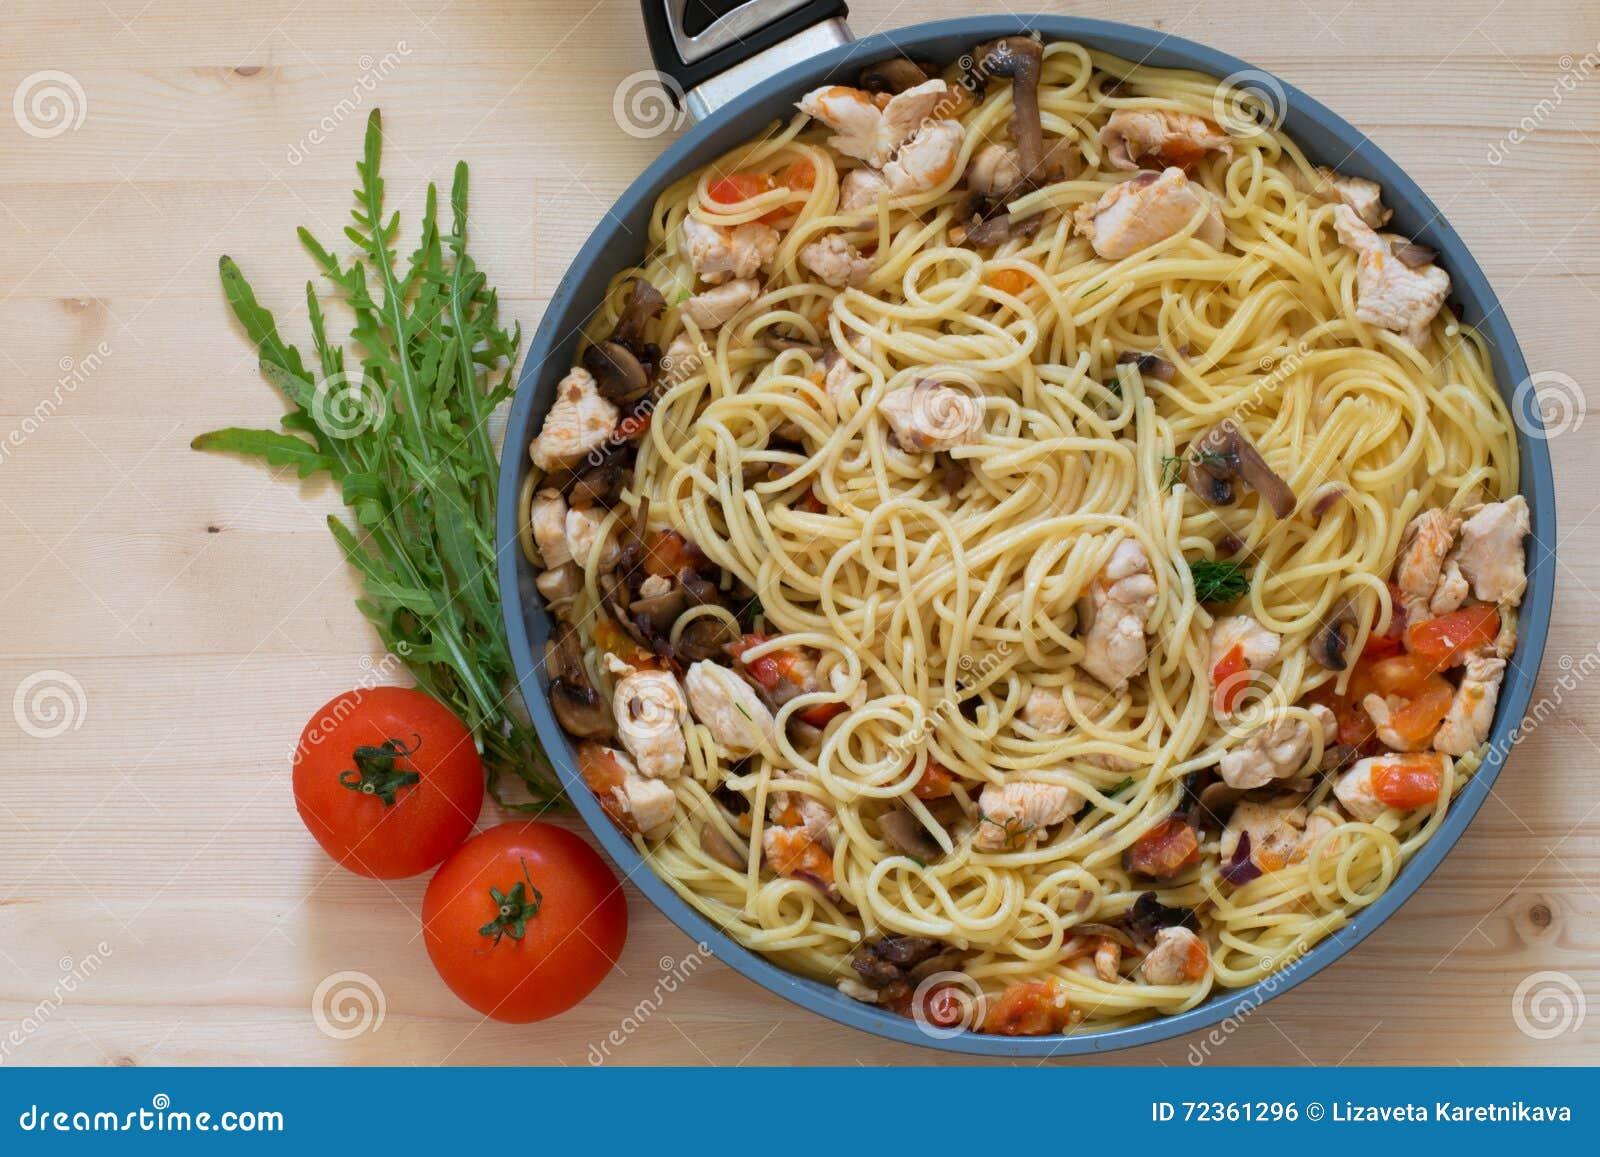 意大利面食和蕃茄